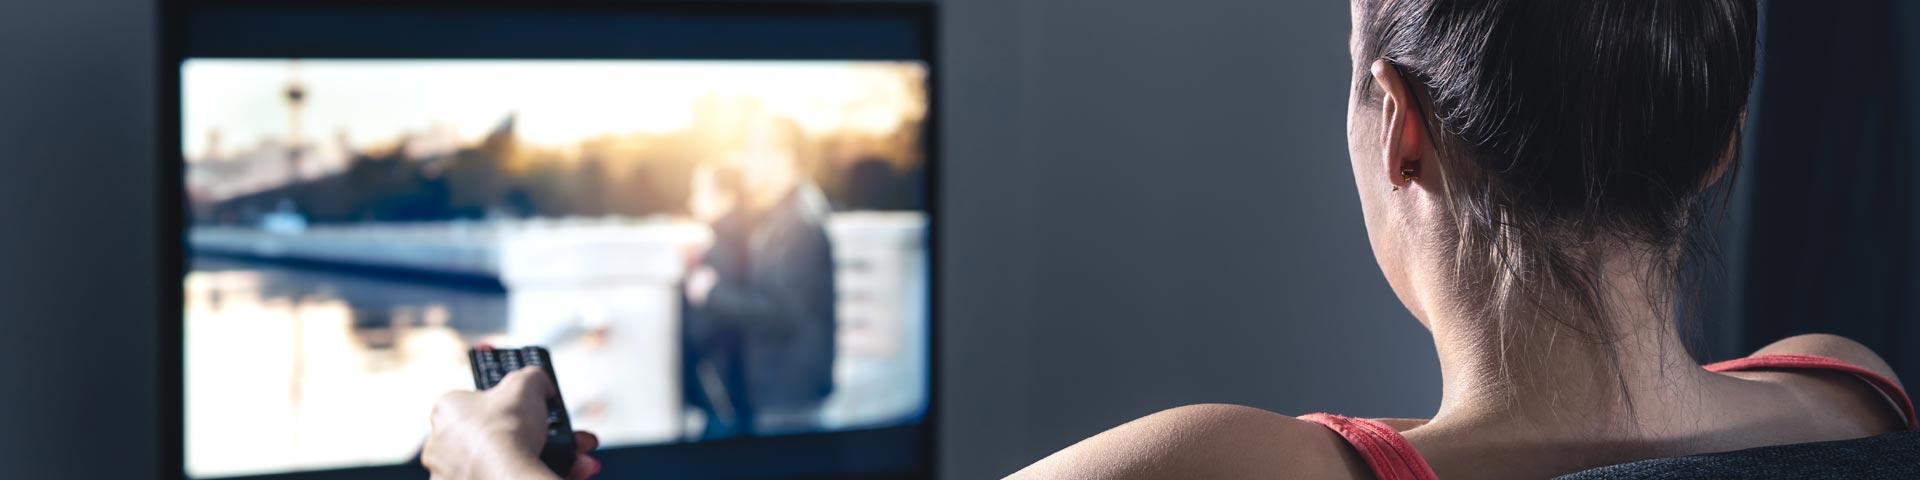 Ziggo over op digitale tv en radio